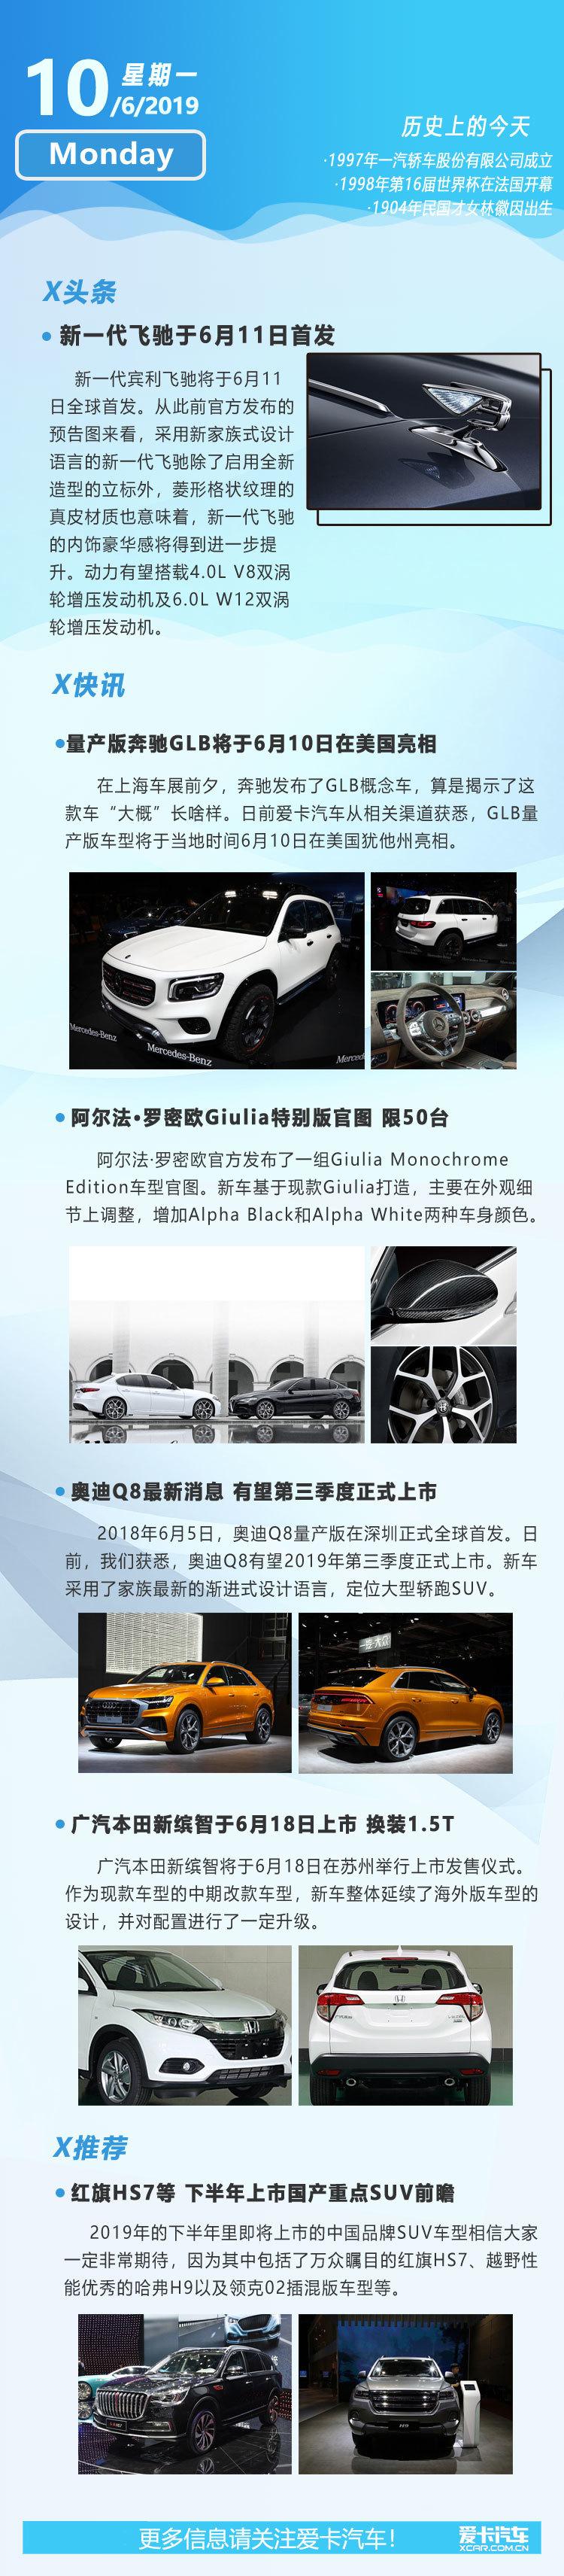 6月10日早报 新一代飞驰/奔驰GLB等新车